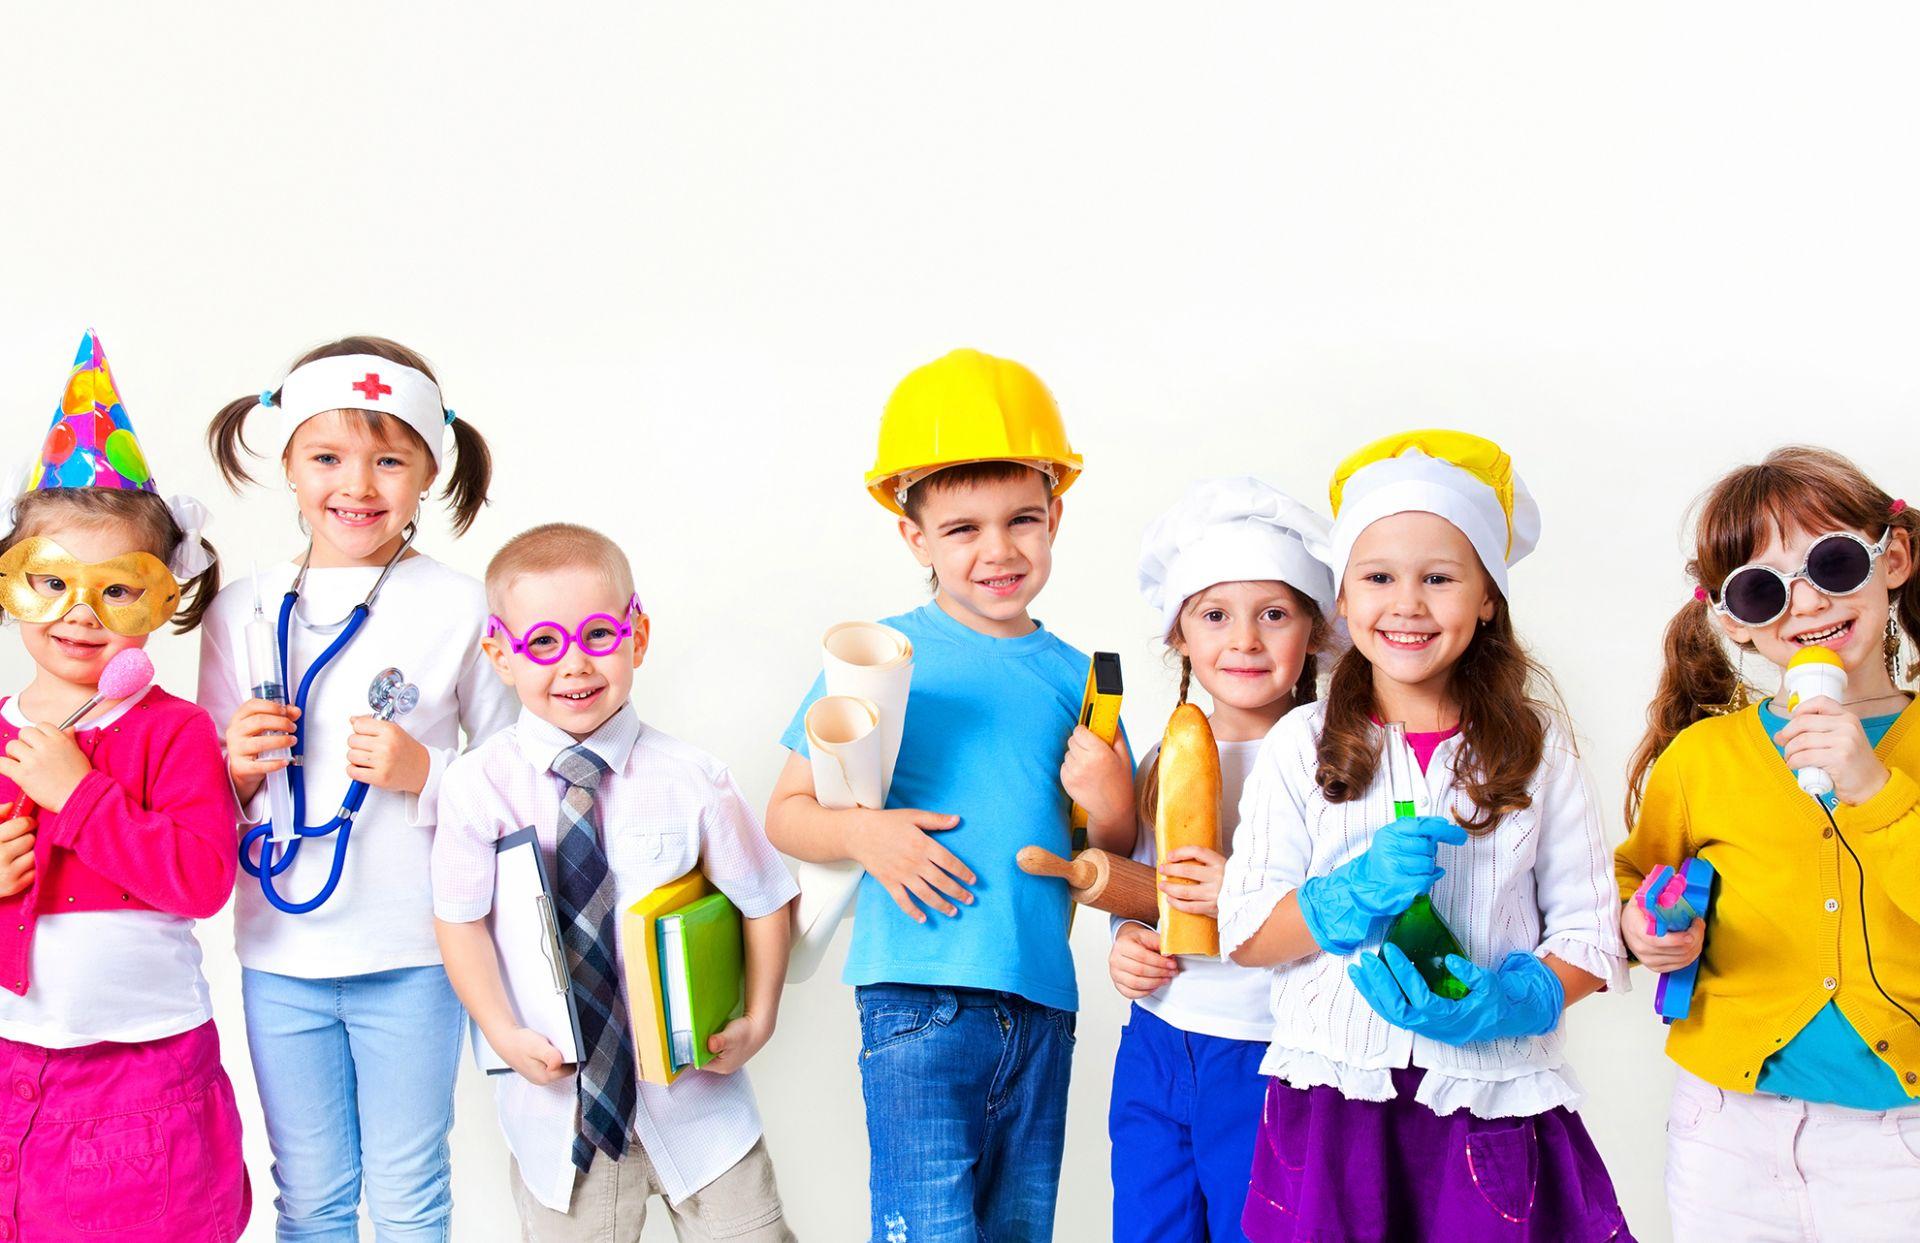 lapset eri ammattien vaatteisiin pukeutuneina